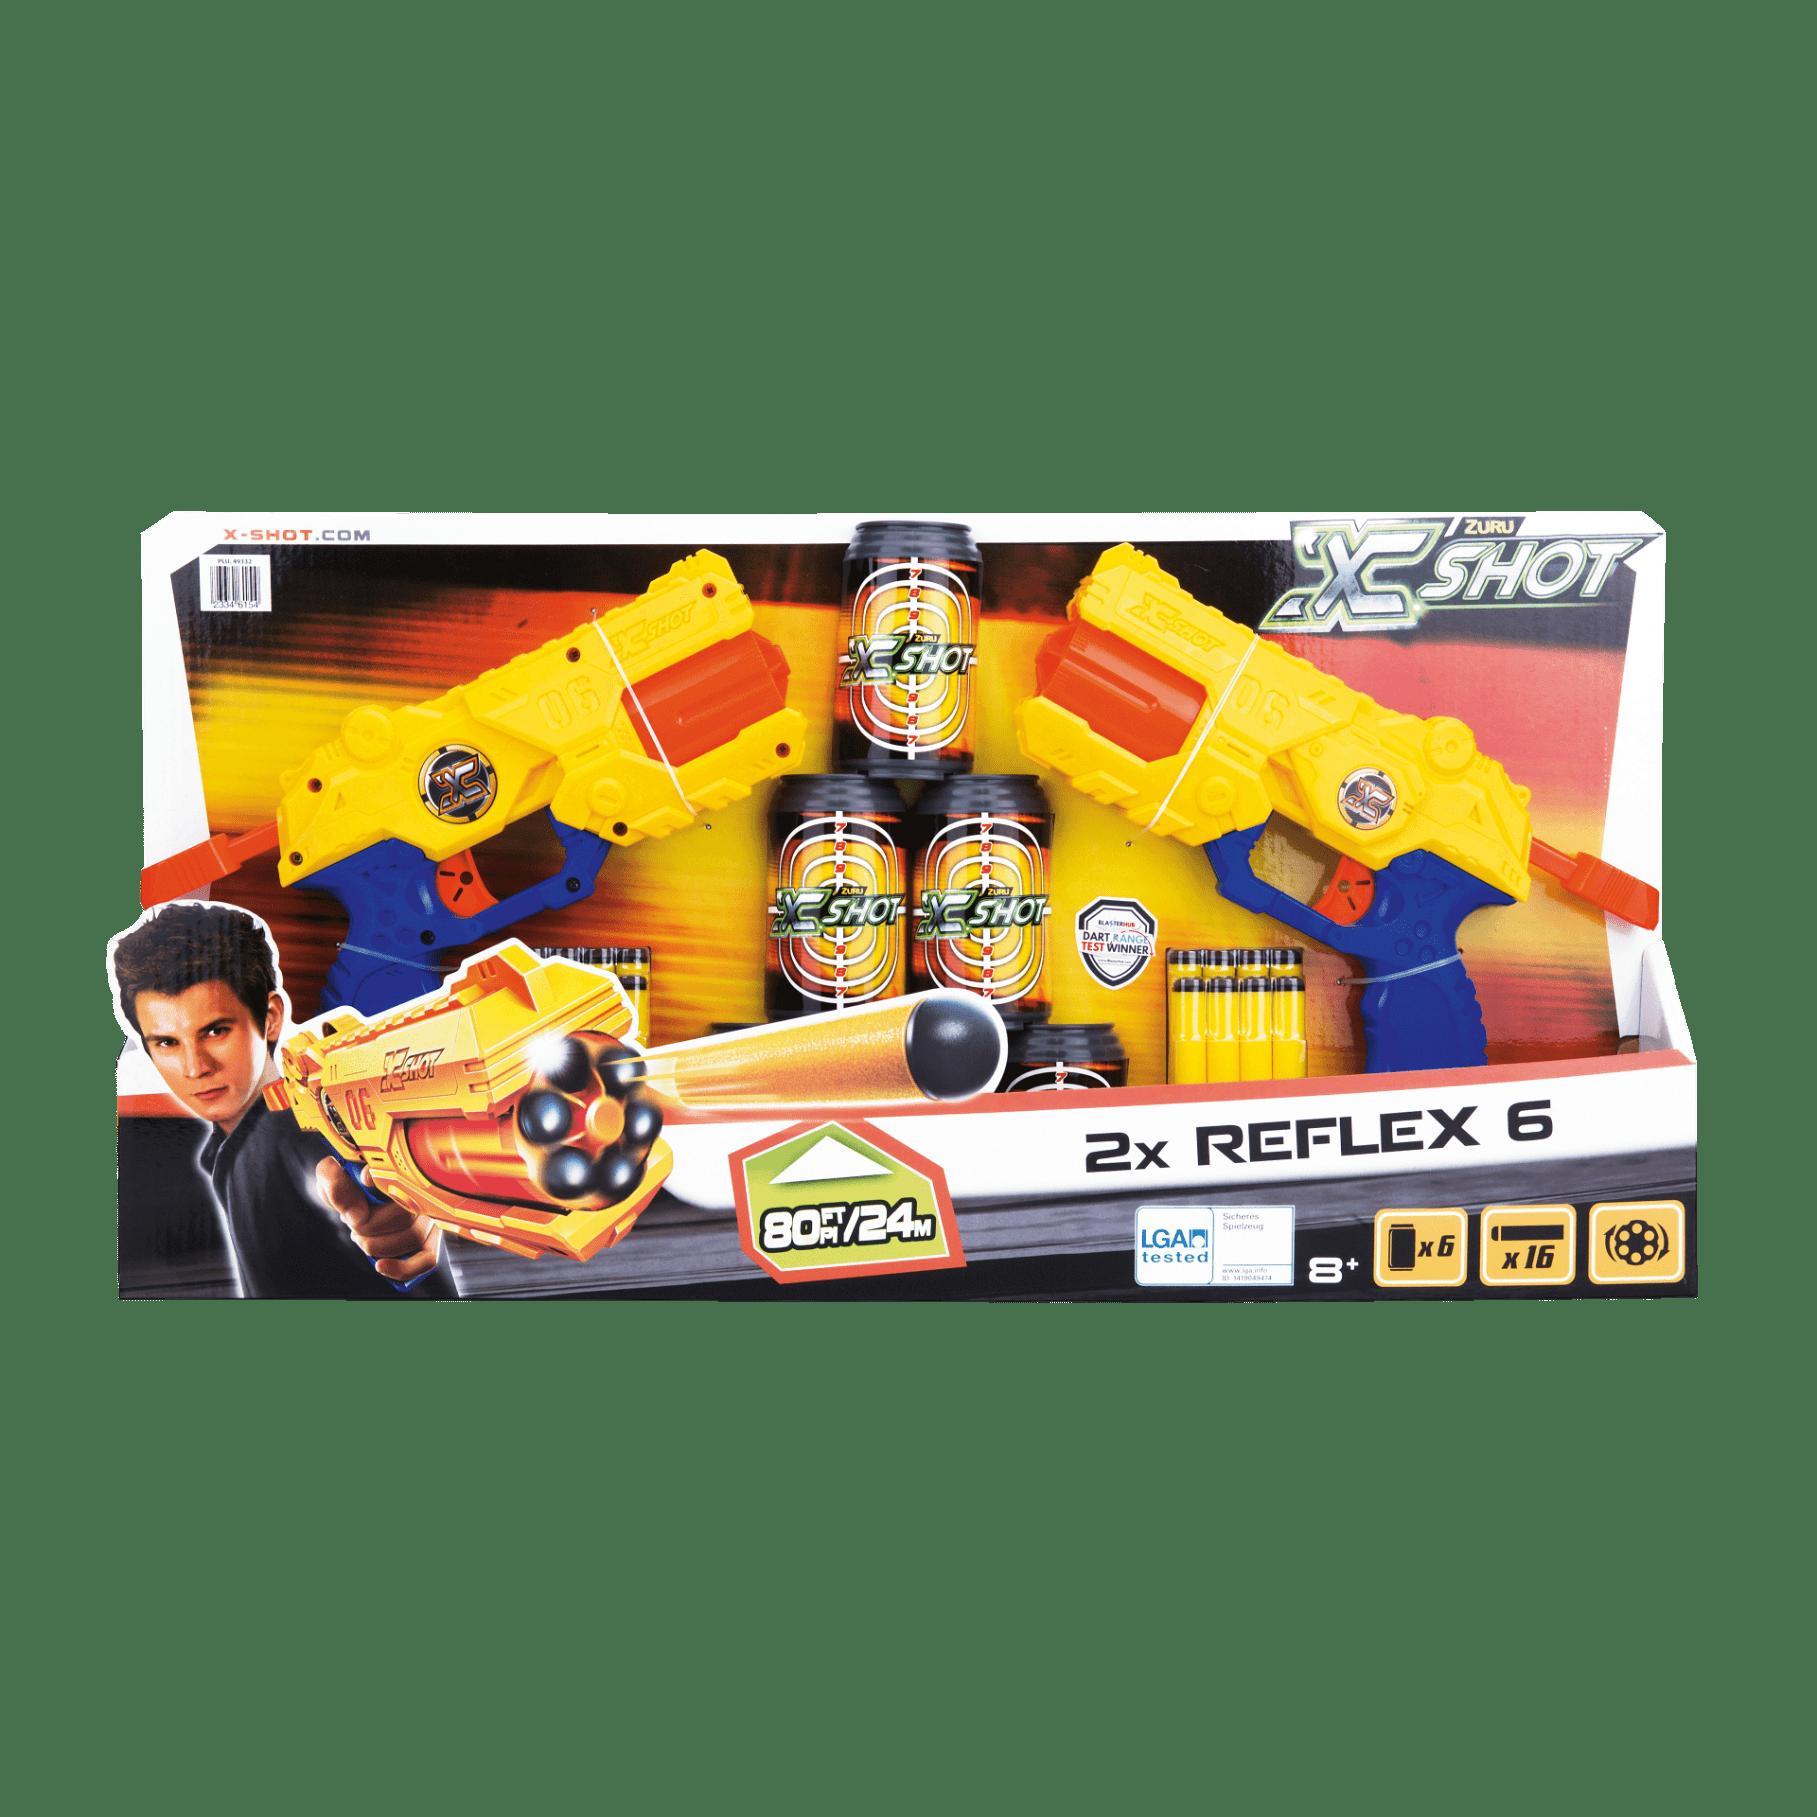 Nerf gun X-Shot Excel Reflex blaster TK-6 2 stuks voor €14,99